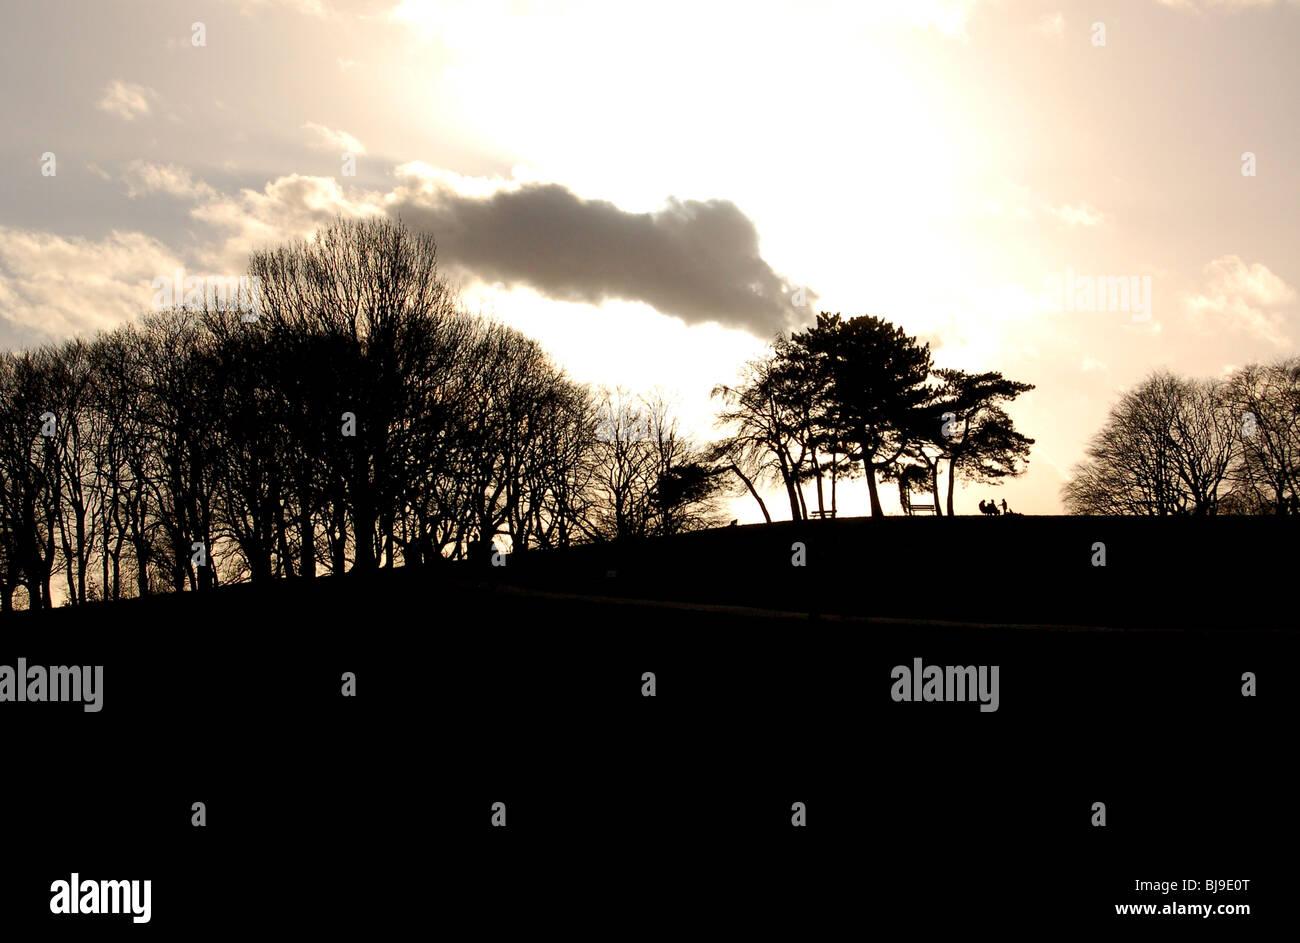 Los árboles descritos en contra de atardecer en Hampstead Heath, Londres Imagen De Stock